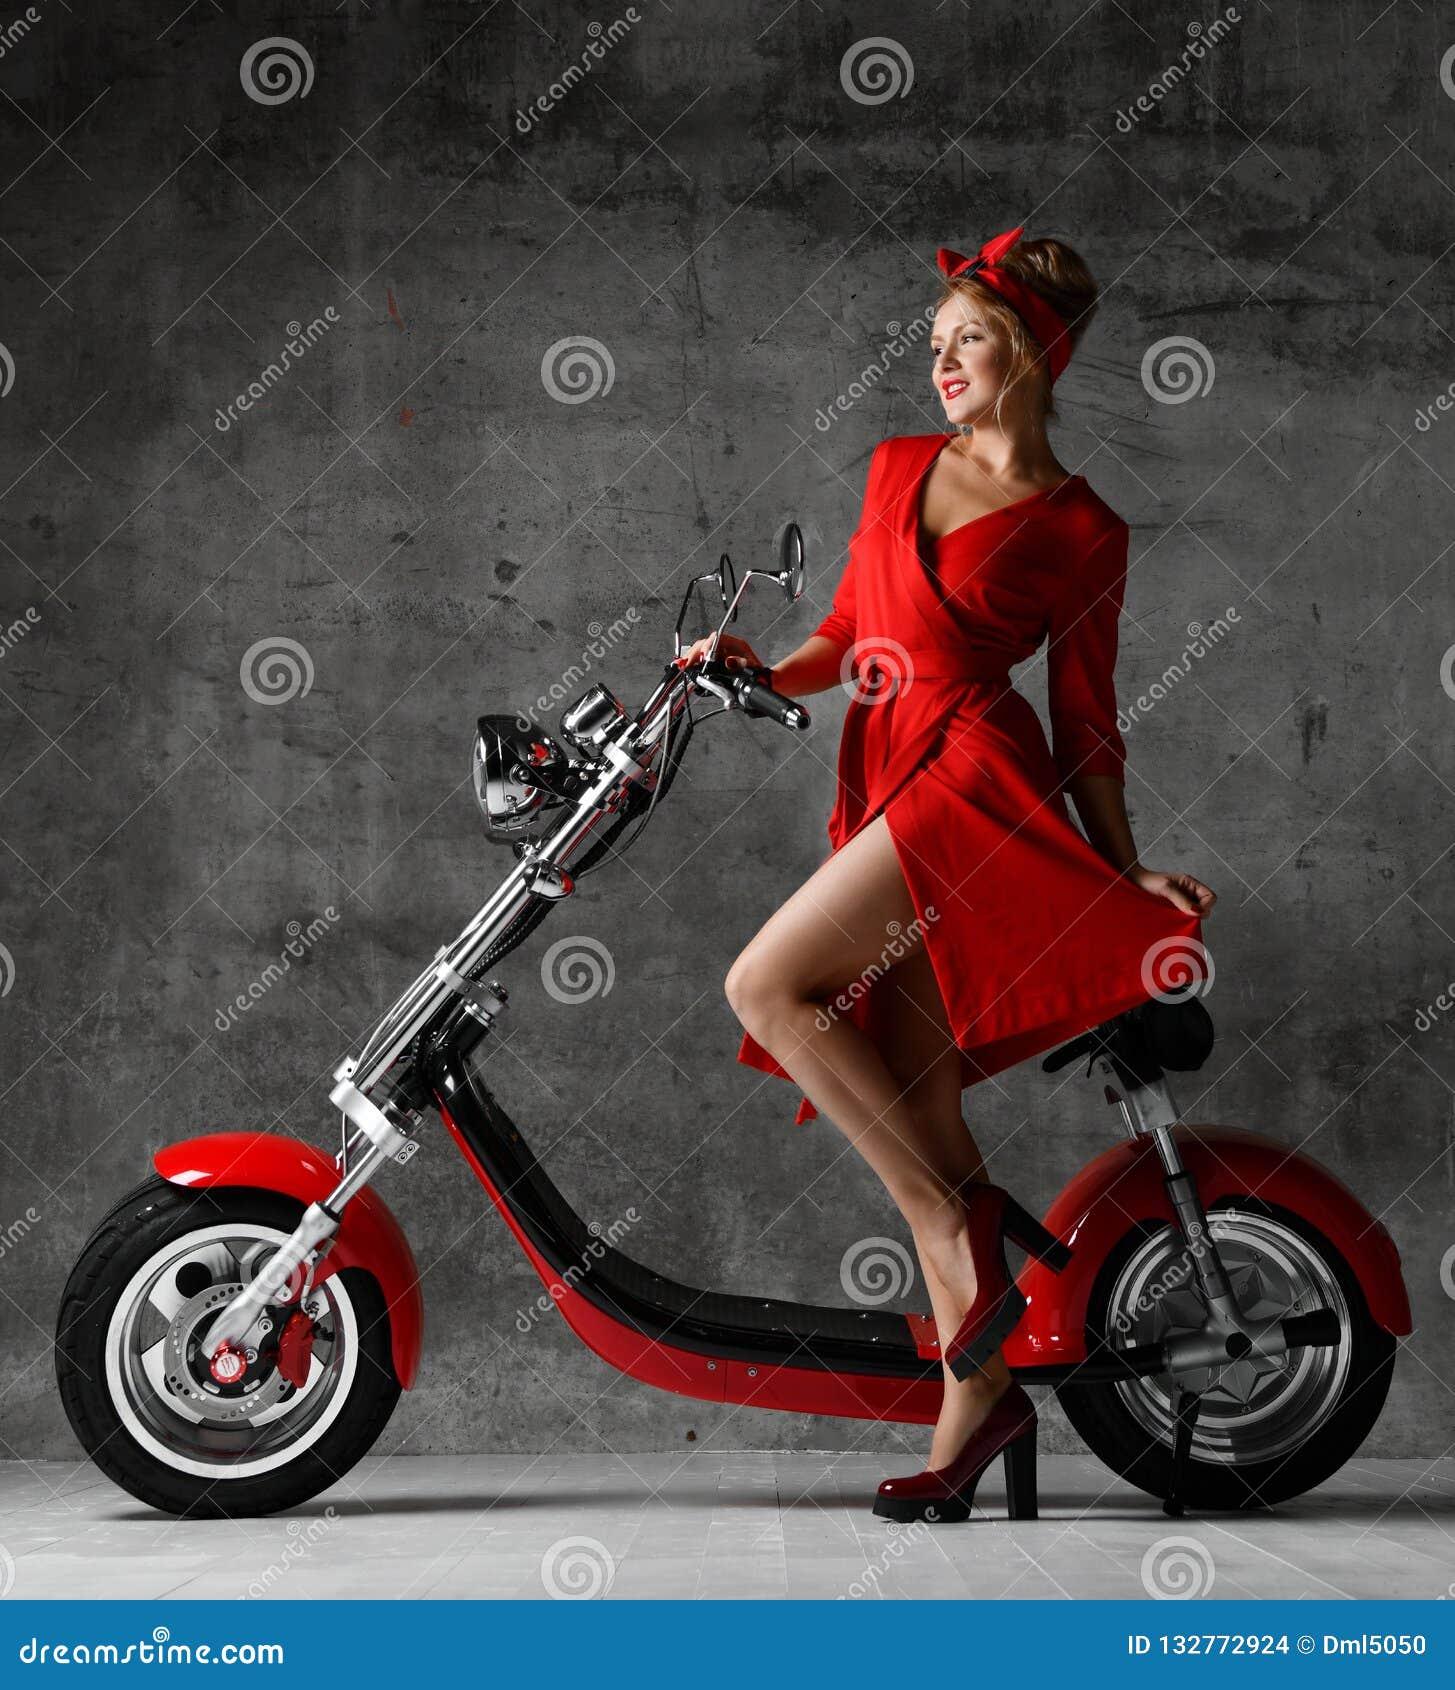 Kobiety przejażdżka siedzi na motocykl hulajnogi rowerowego pinup czerwieni retro stylowej roześmianej uśmiechniętej sukni